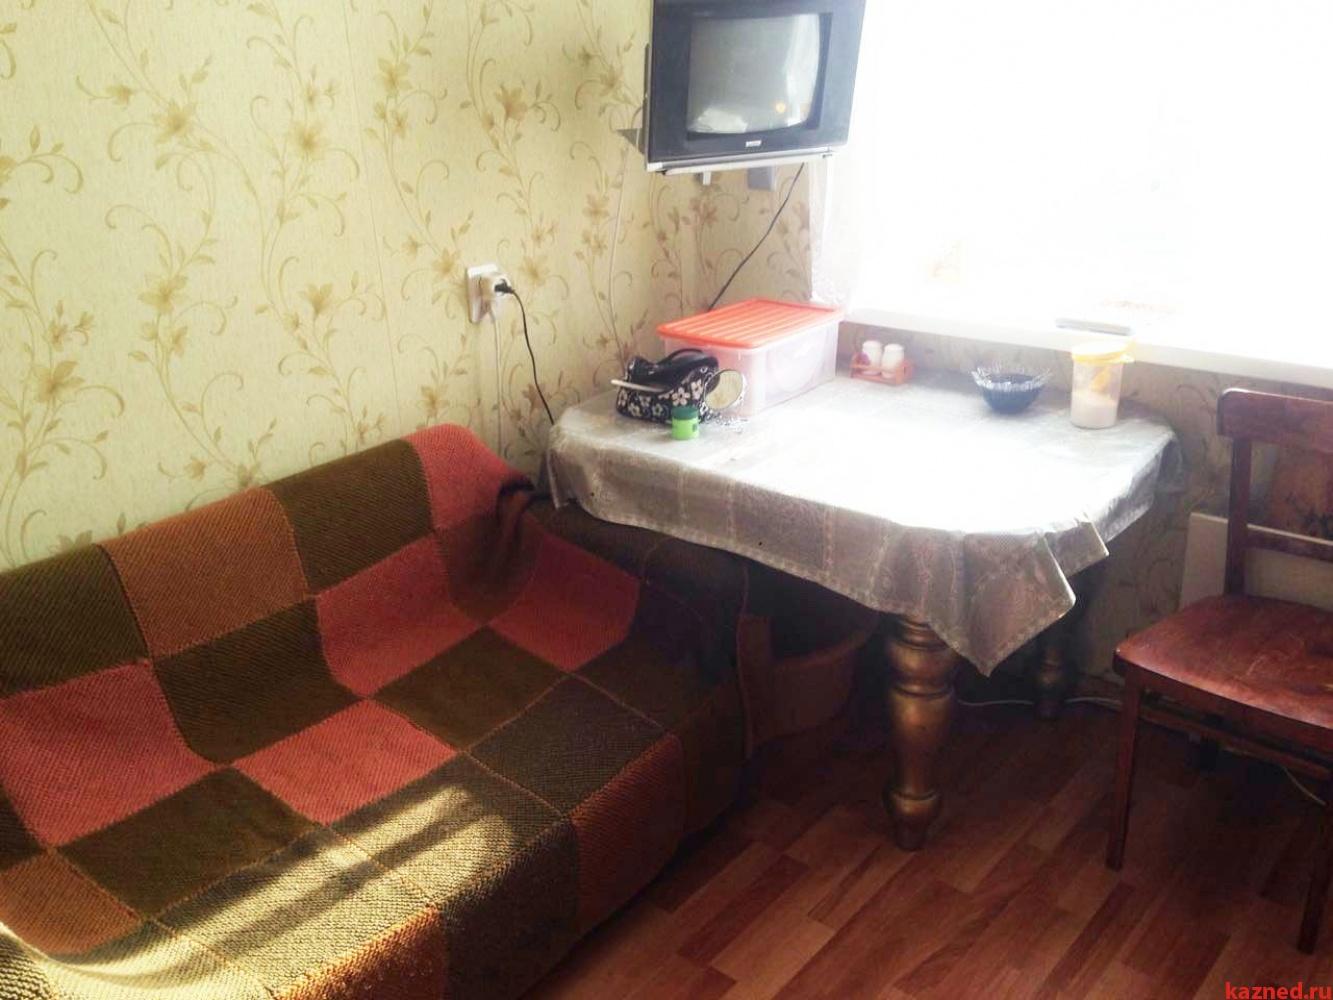 Продажа 2-к квартиры Рихарда Зорге ул, 121, 54 м² (миниатюра №4)